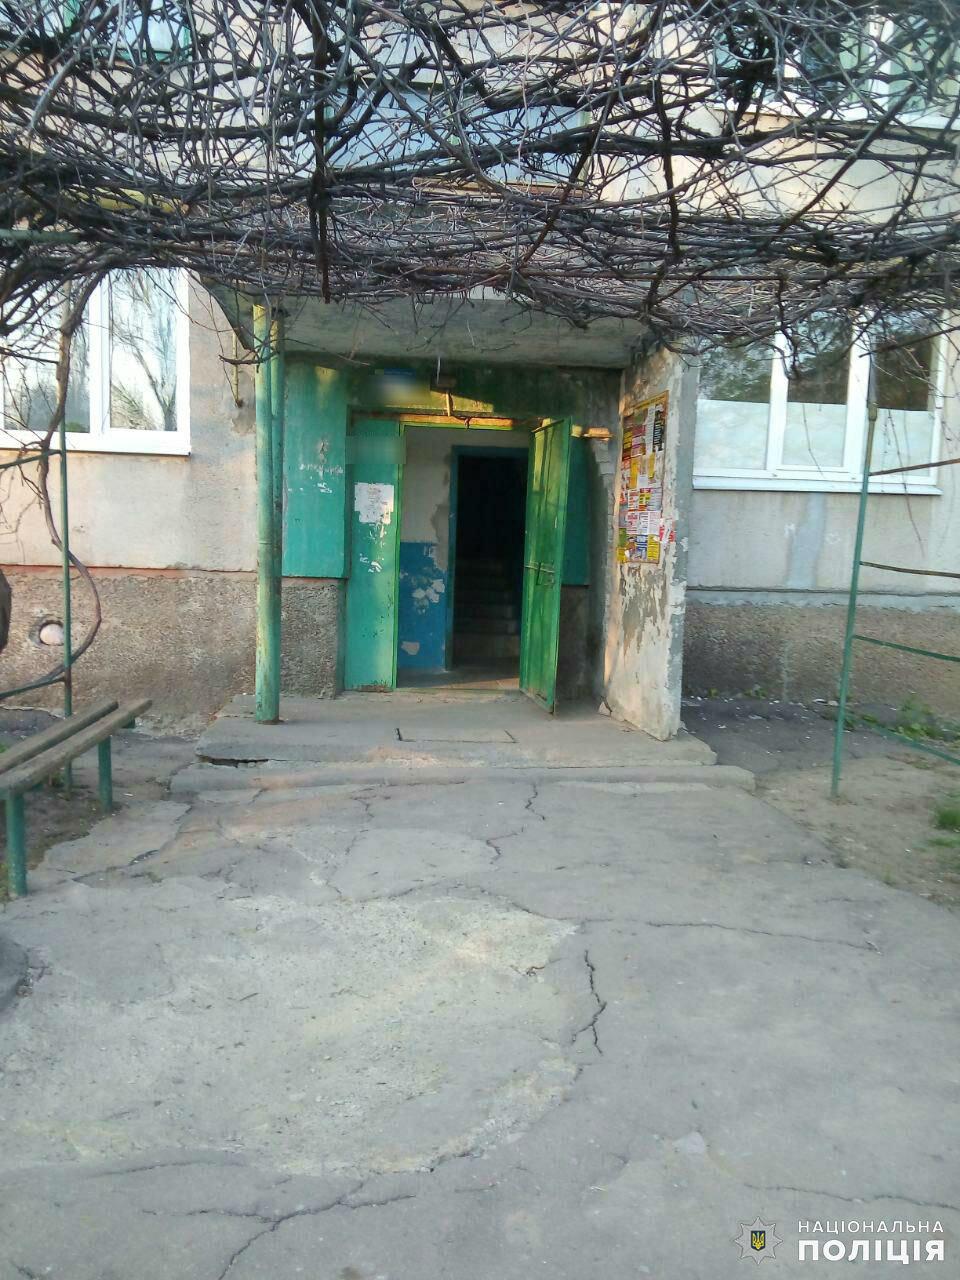 В Дружковке 12-летний мальчик выпрыгнул из окна многоэтажки. Полиция открыла уголовное производство по статье «Доведение до самоубийства», фото-1